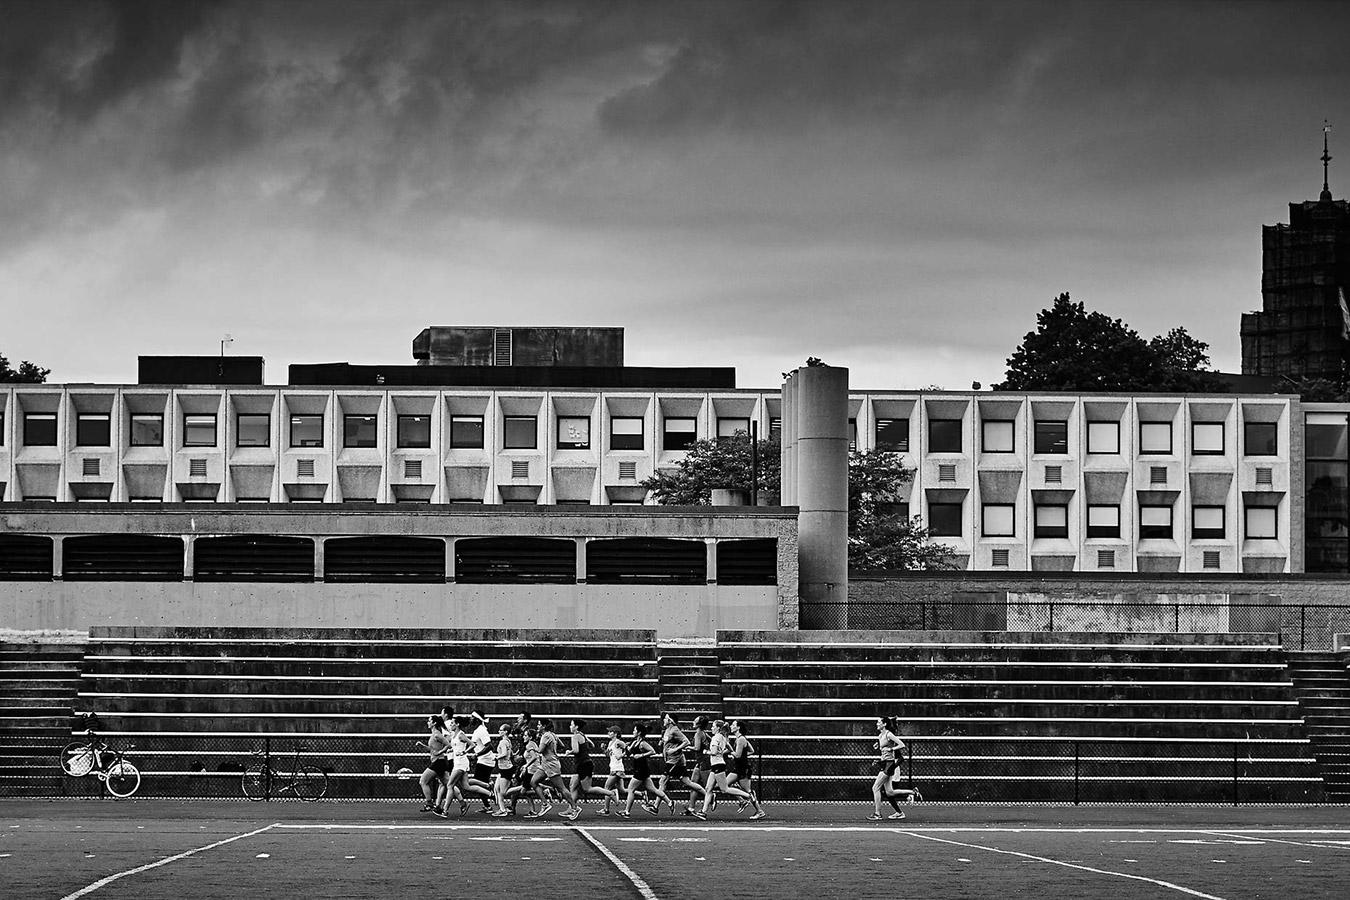 «Пробежка NRC speed для Nike», © Джош Кэмпбелл / Josh Campbell, Андовер, США, Финалист в категории «Фитнес» – профессионал, Фотоконкурс «Адреналин» — Спортивная и экшн-фотография